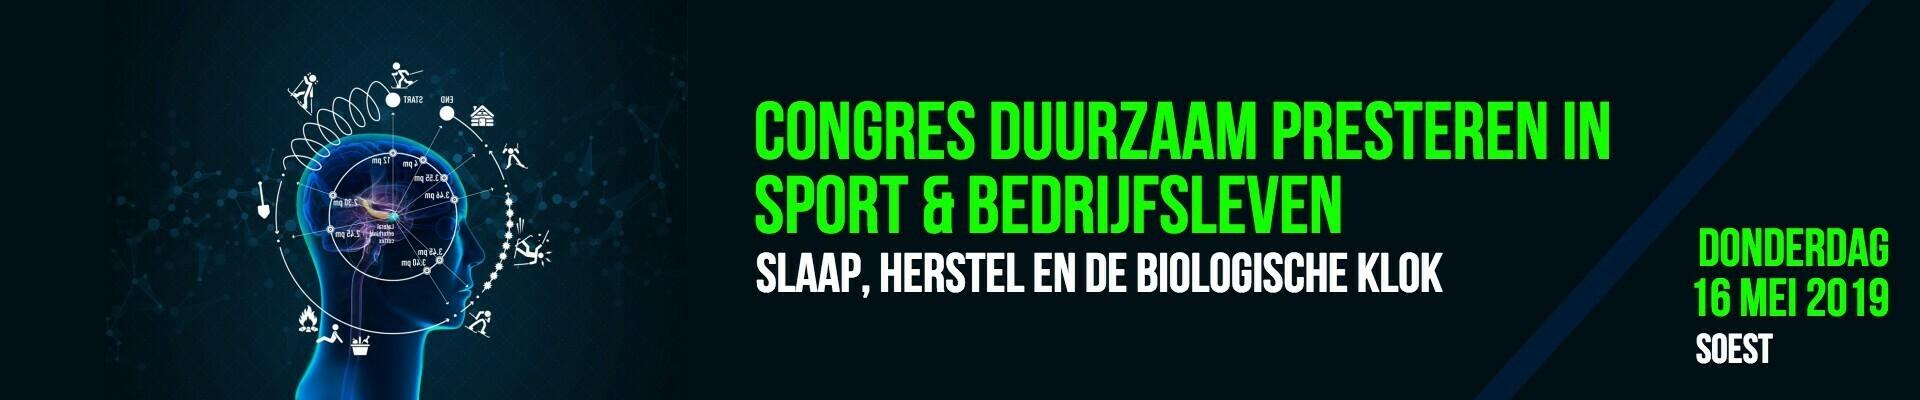 Congres Duurzaam presteren in sport & bedrijfsleven